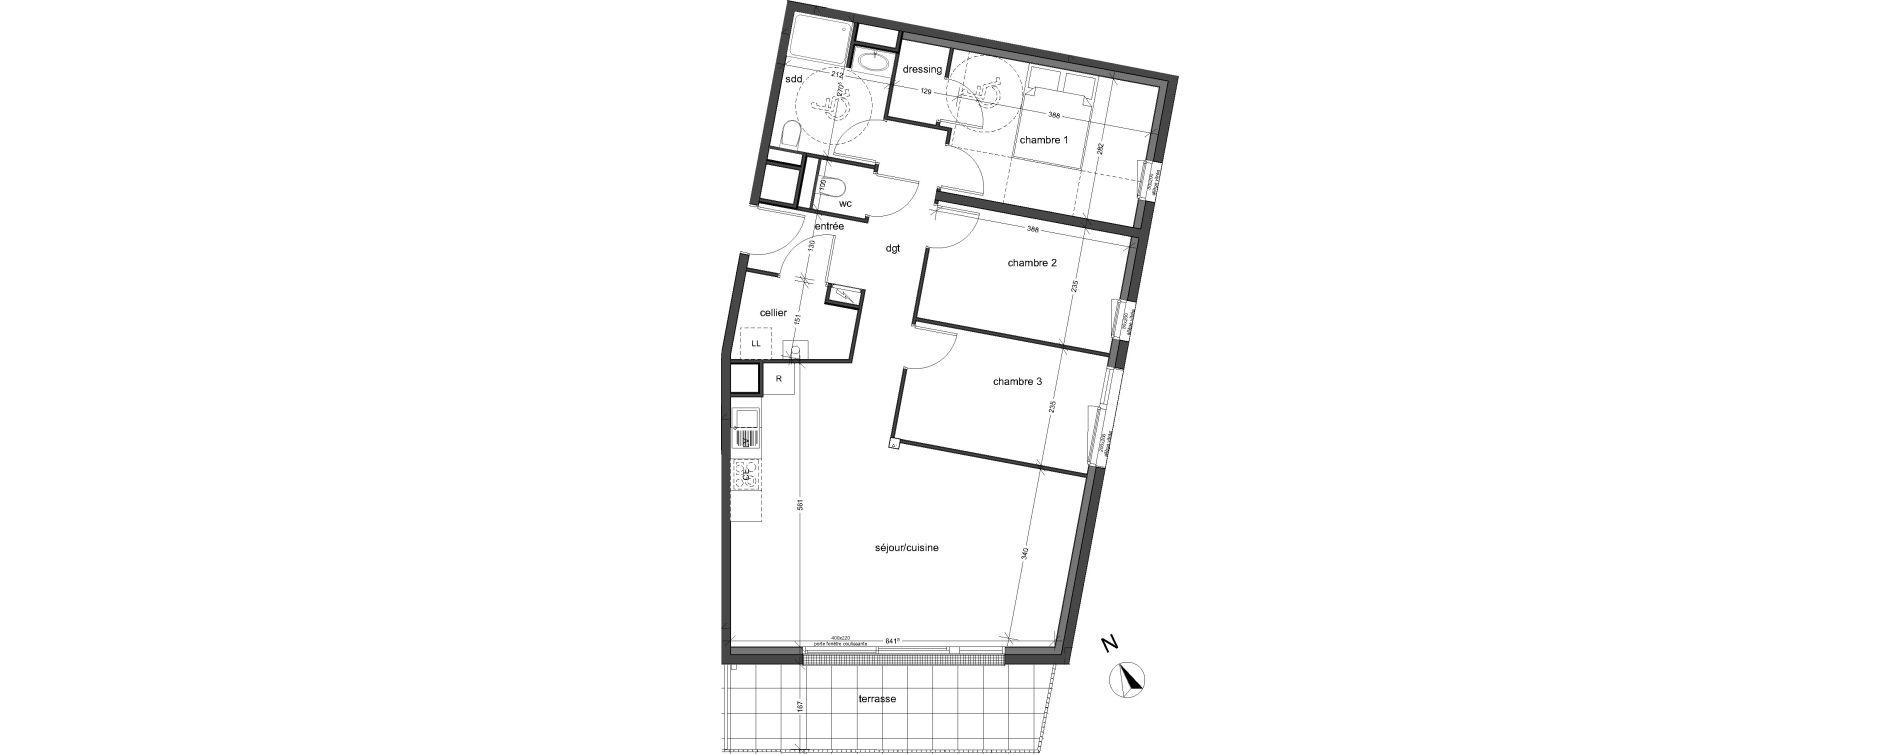 Appartement T4 de 79,91 m2 à Bois-Guillaume Centre